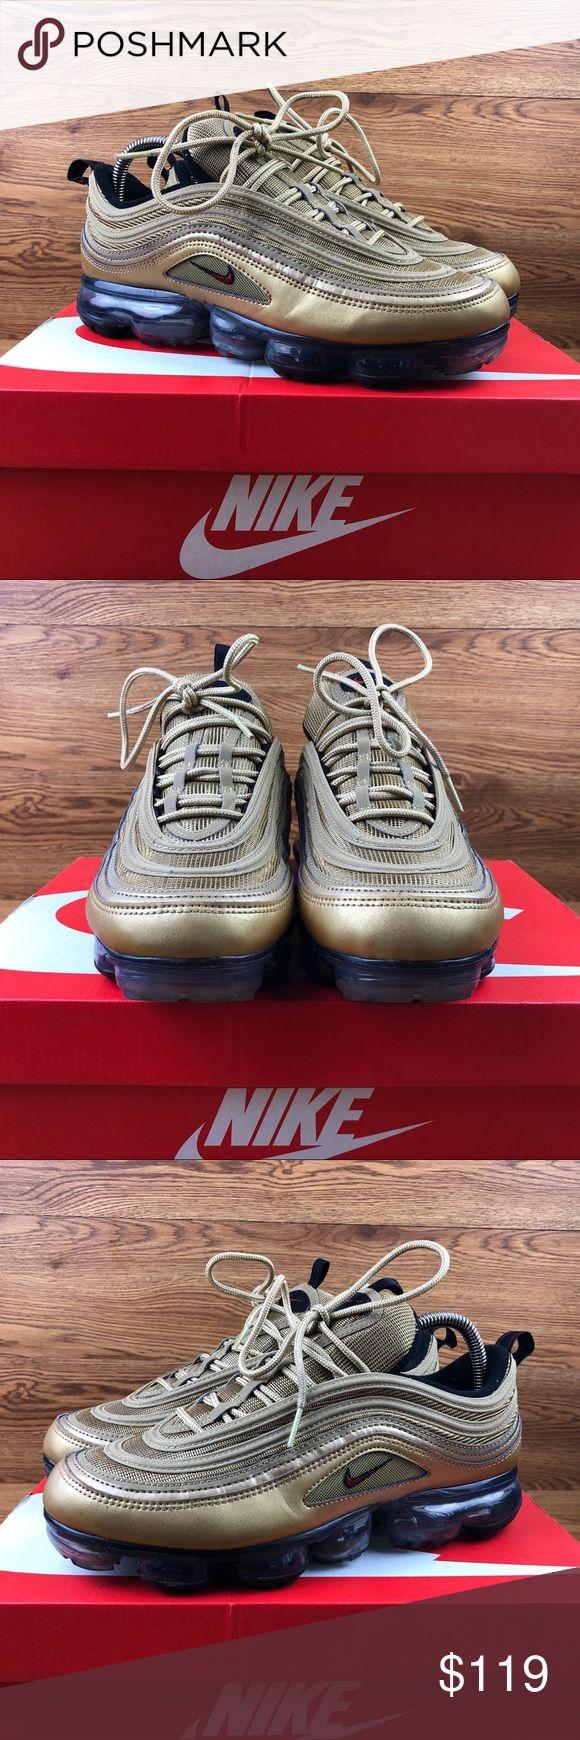 Nike Air Vapormax 97 Metallic Gold Sneakers Worn twice. Smoke free. Box included…